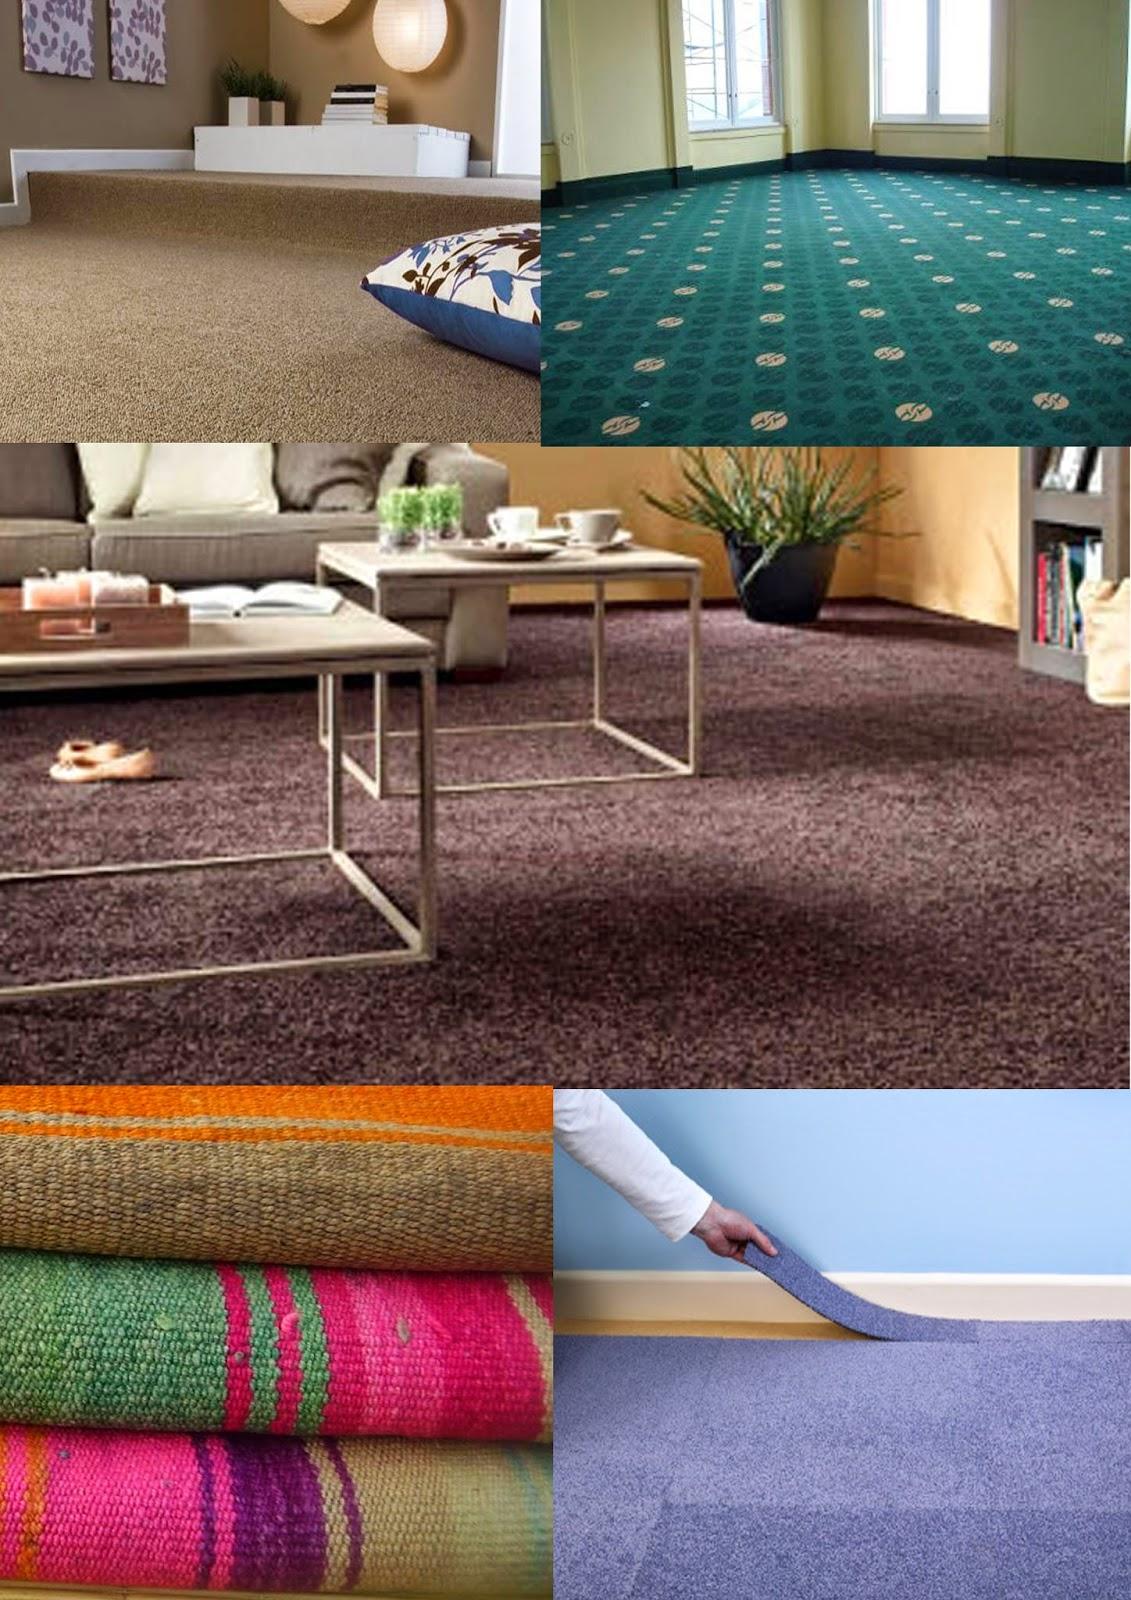 Dise a estudio alfombras instalaci n paso a paso - Como colocar alfombras ...